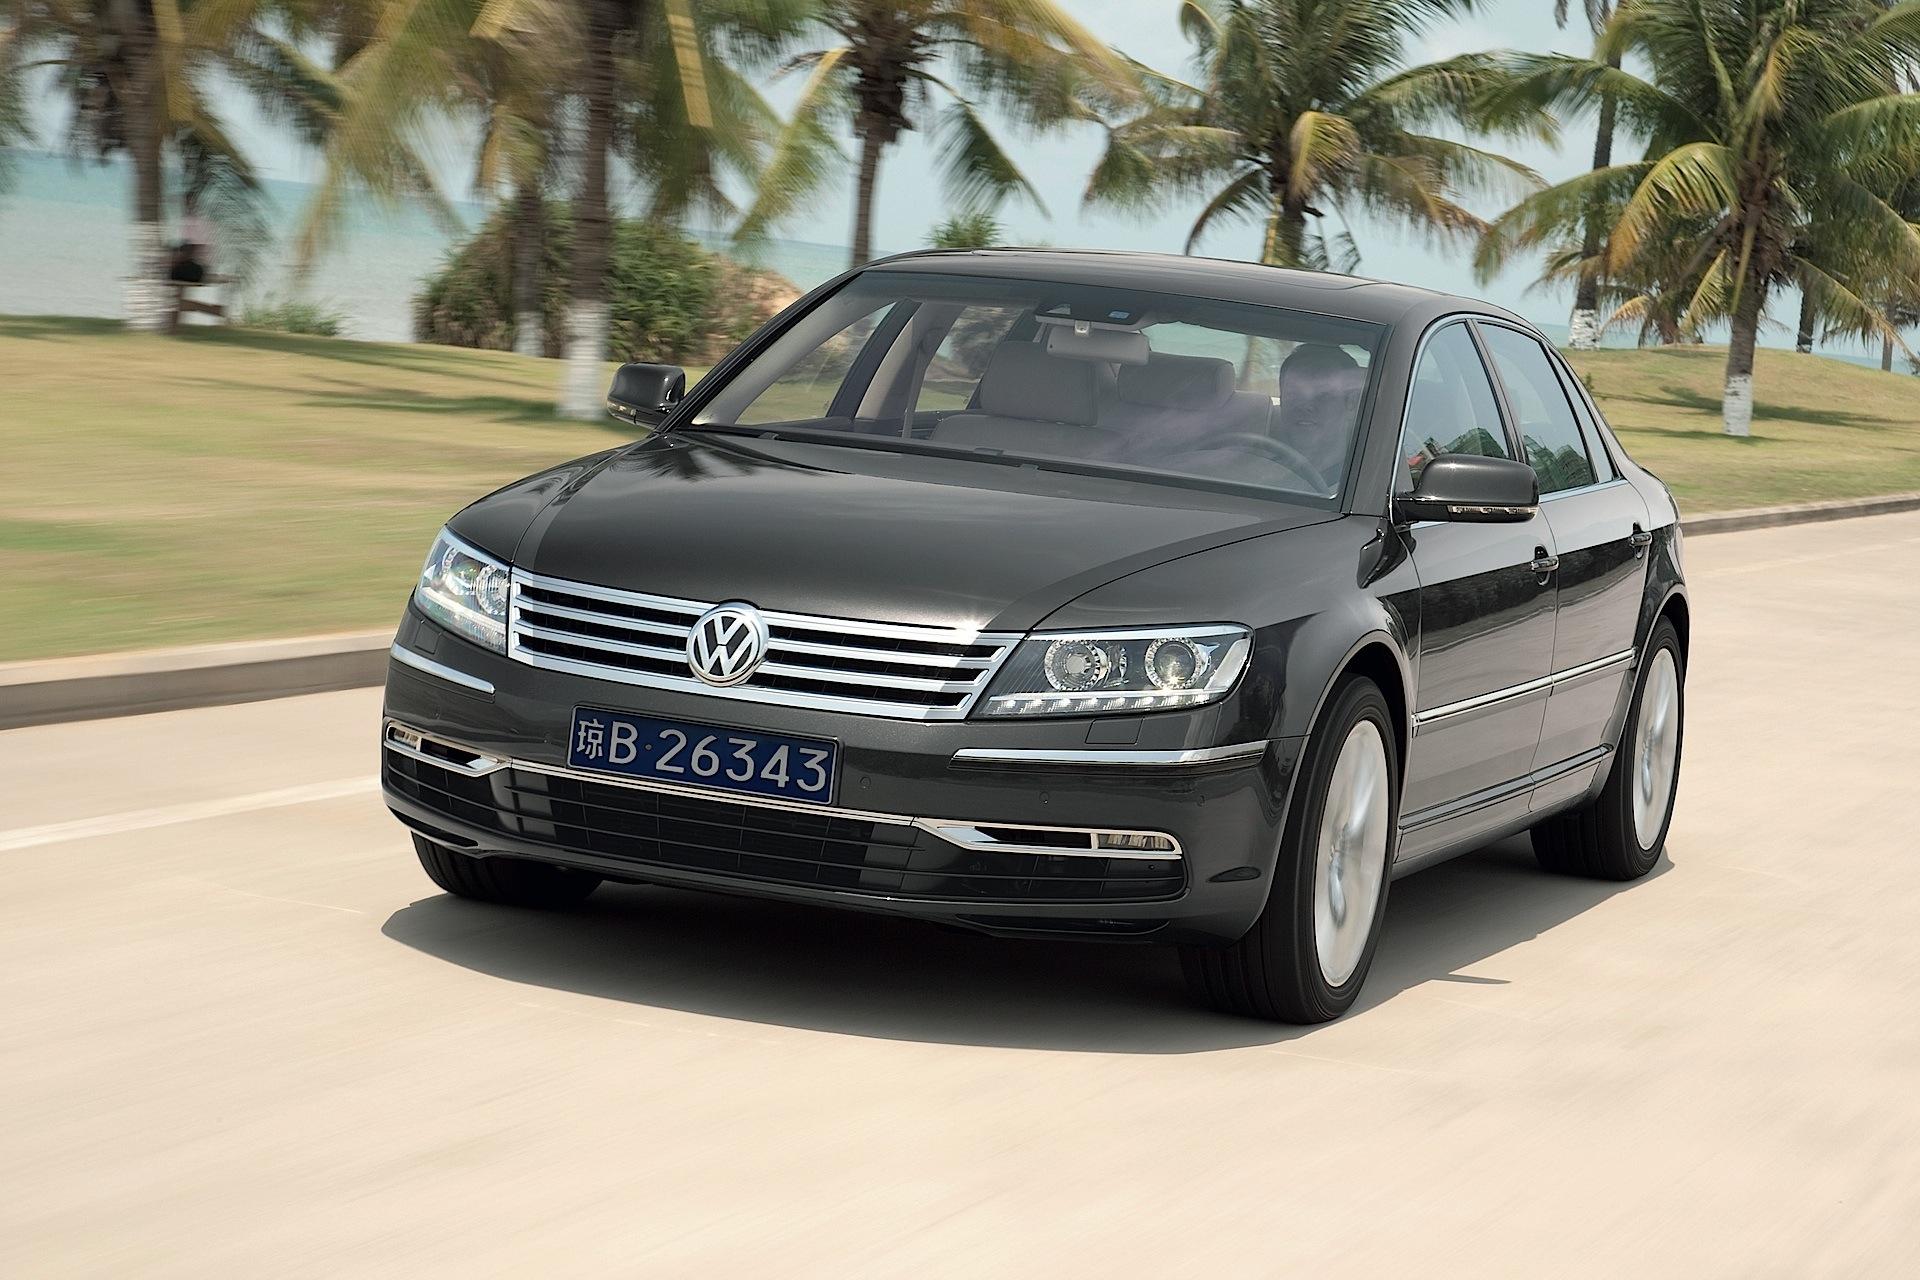 Volkswagen Phaeton I Restyling 2010 - 2016 Sedan #5